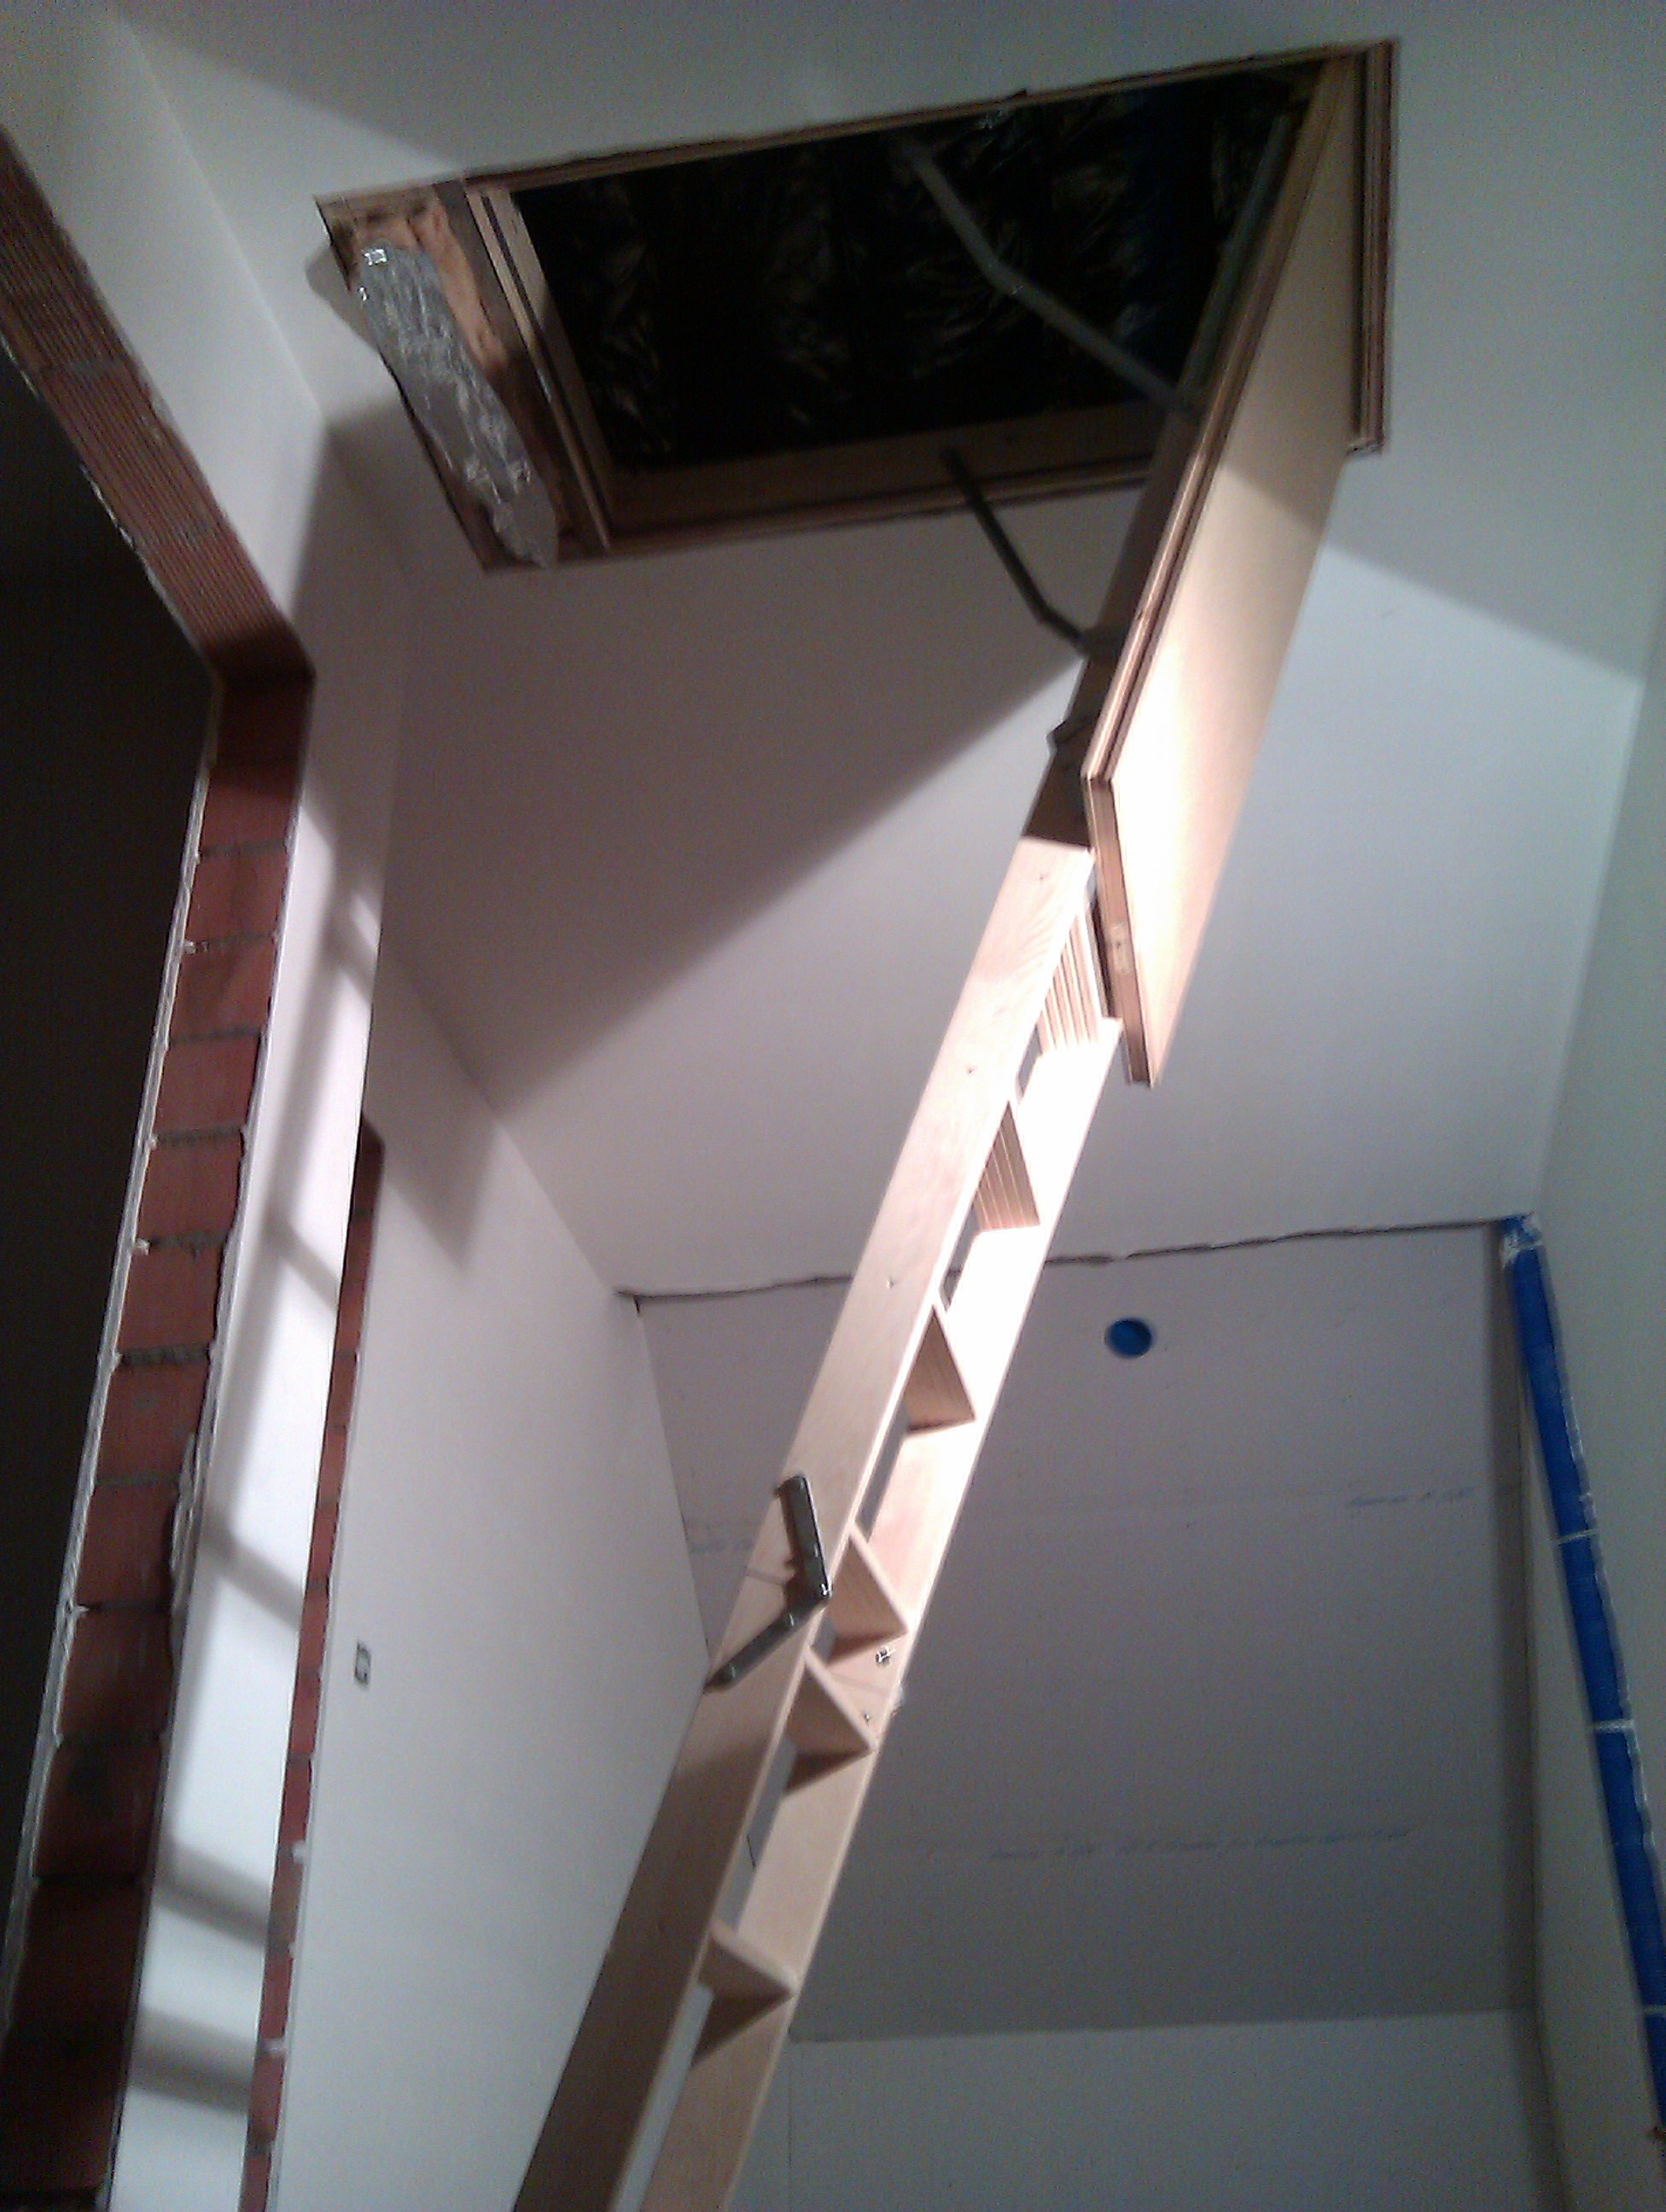 Inbouwspots Keuken Gamma : Inbouwspots + verwarming + zoldertrap Ons Bouwavontuur